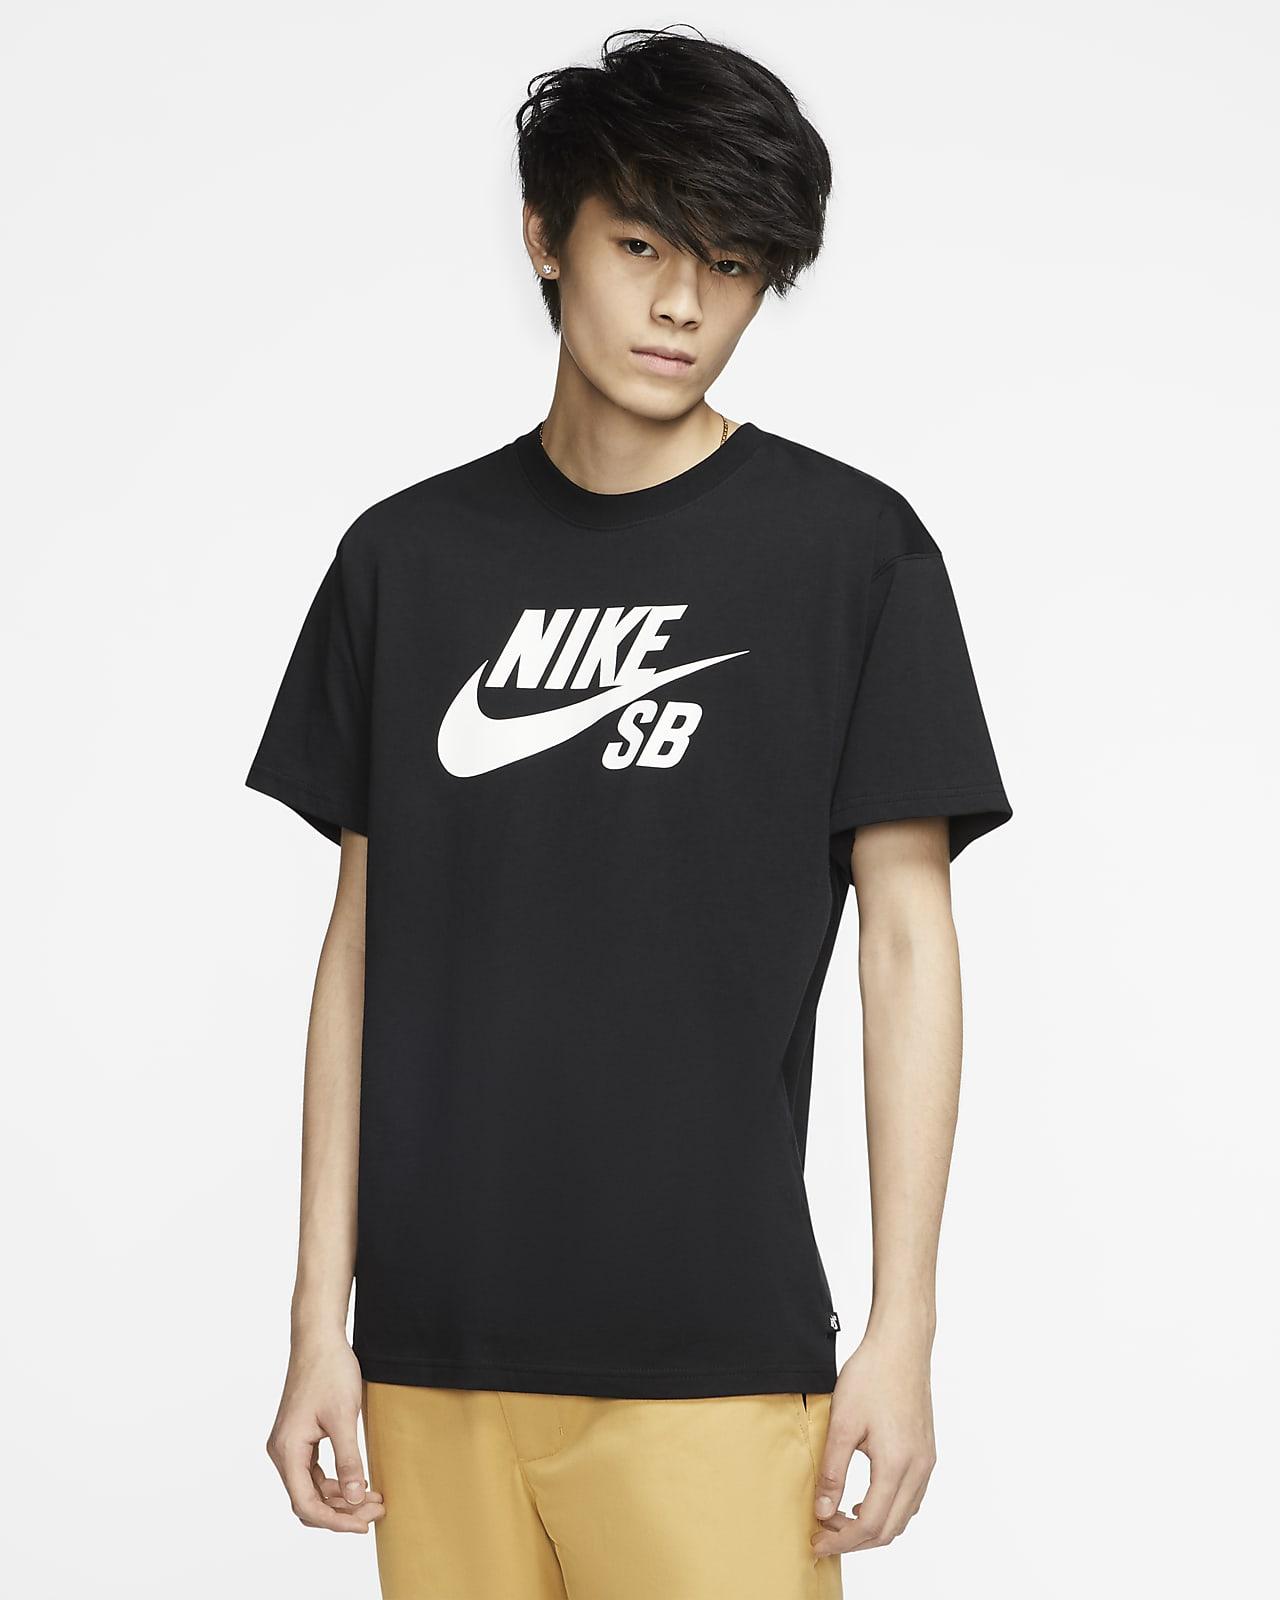 ナイキ SB メンズ ロゴ スケートボード Tシャツ